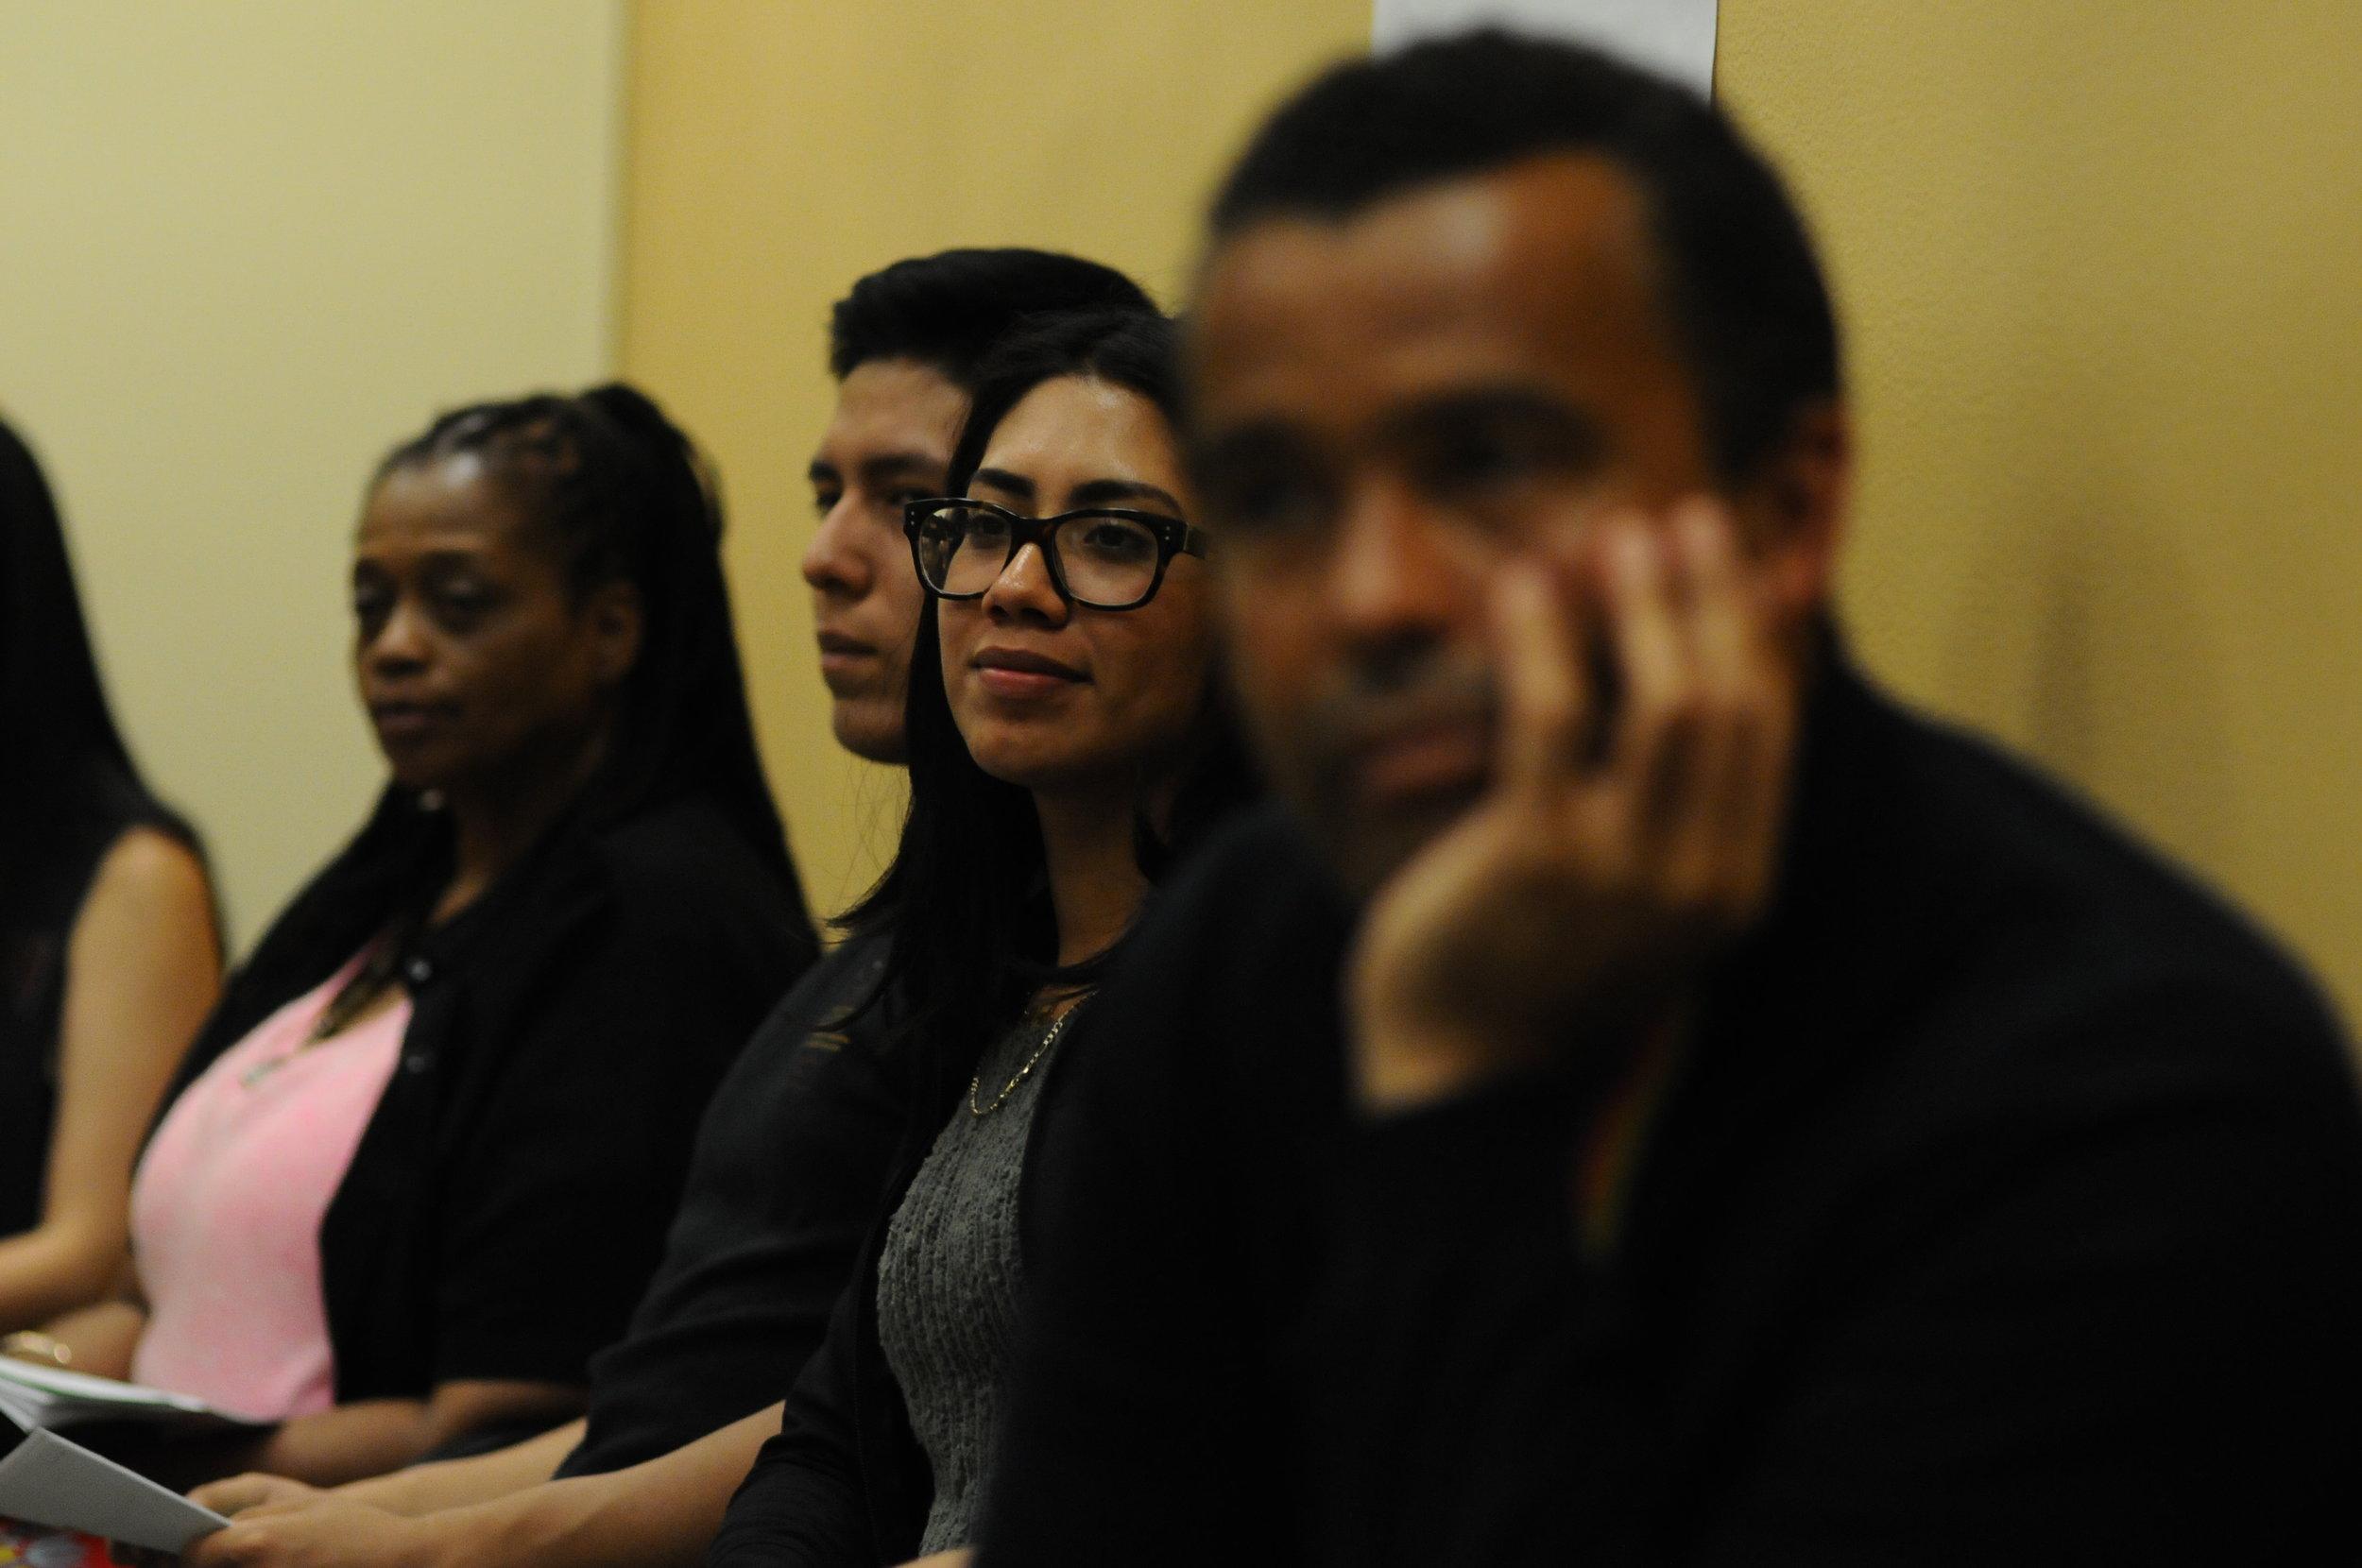 Oakland Equity team comm leader training wkshp 2 086.JPG